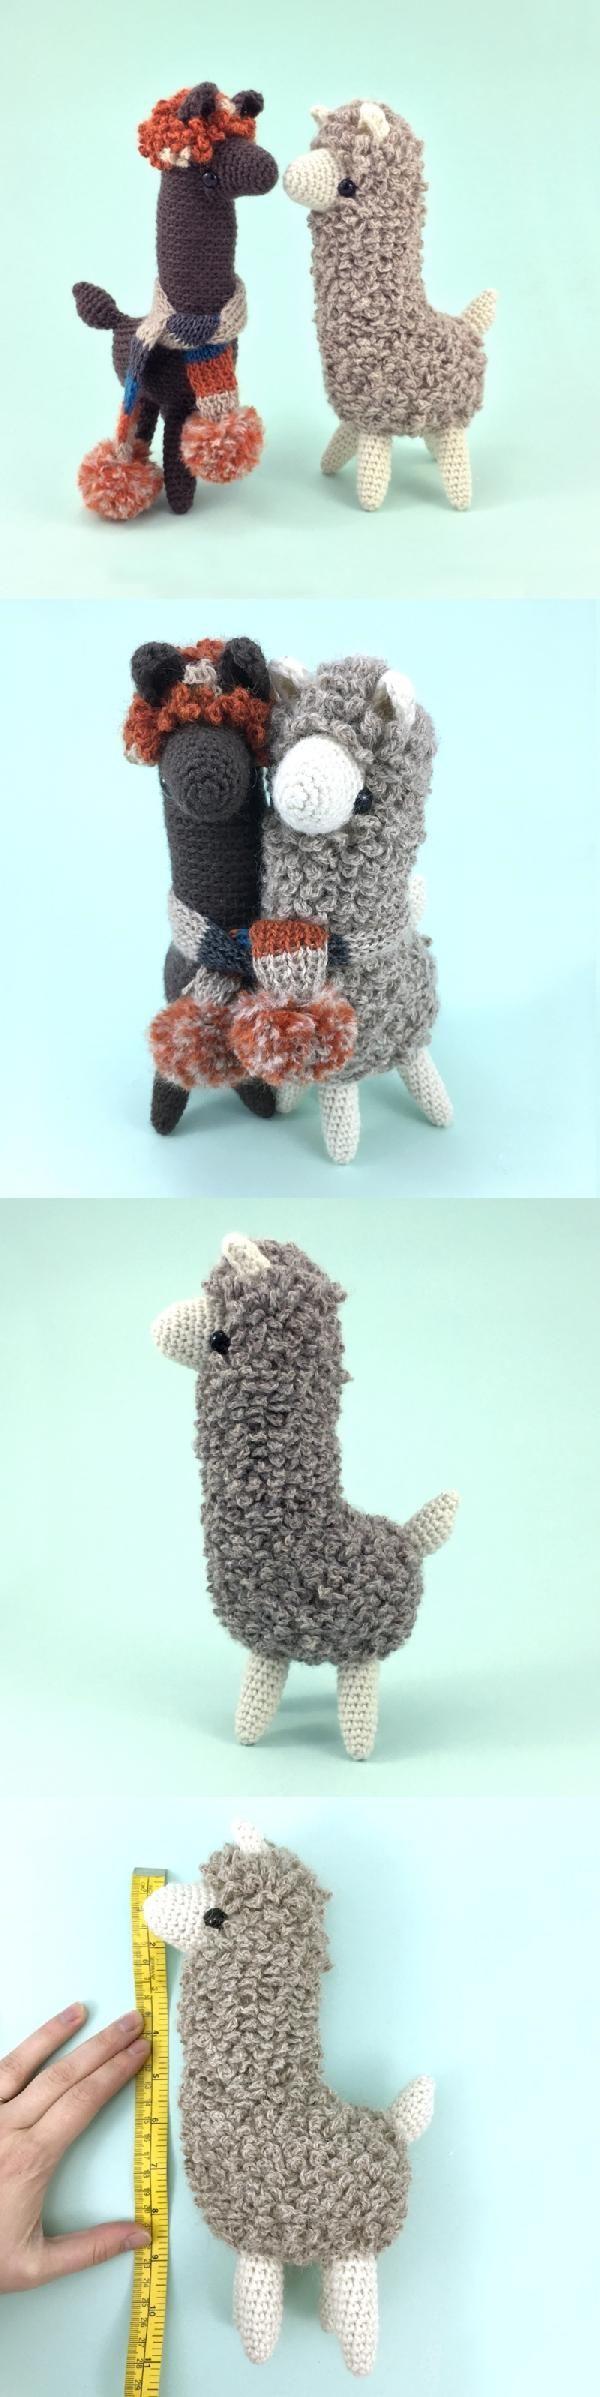 Ludwig The Llama amigurumi pattern by Irene Strange | Häkeln, Alpaka ...